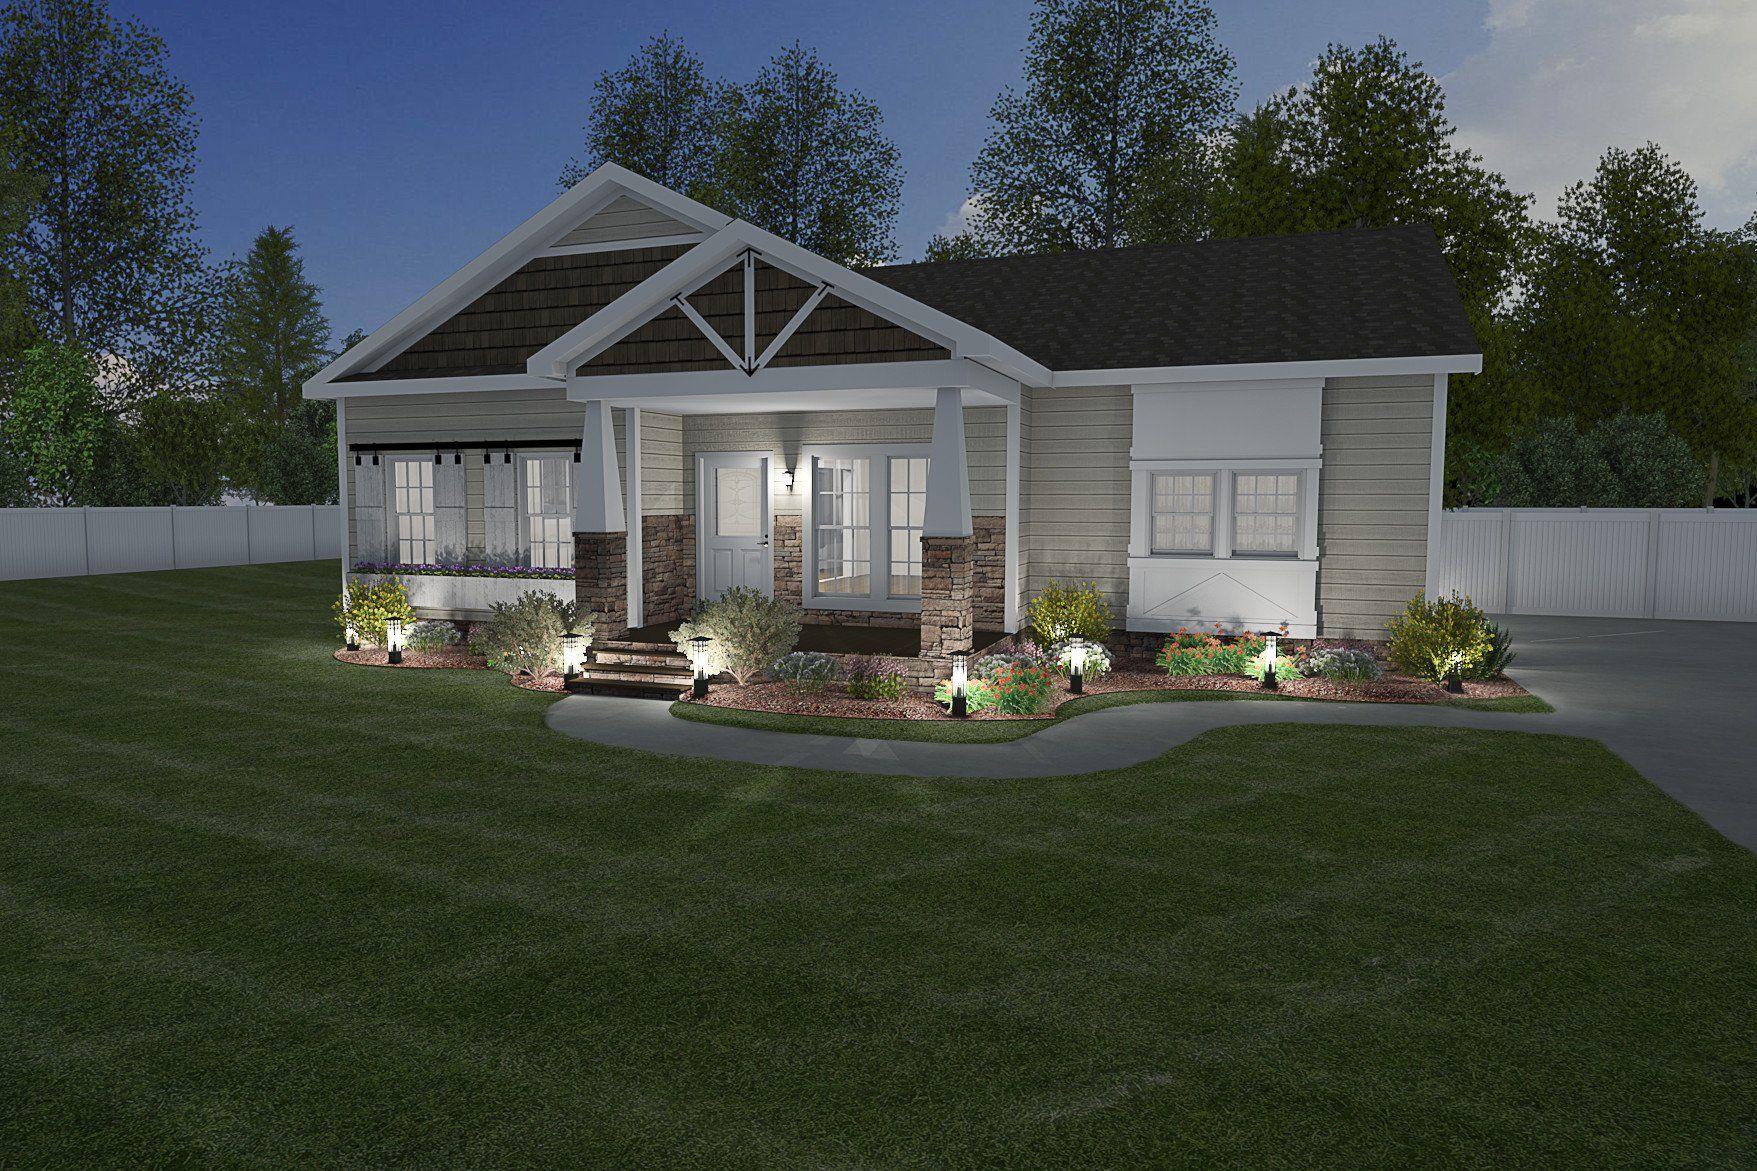 clayton modular homes Bing in 2020 Clayton modular